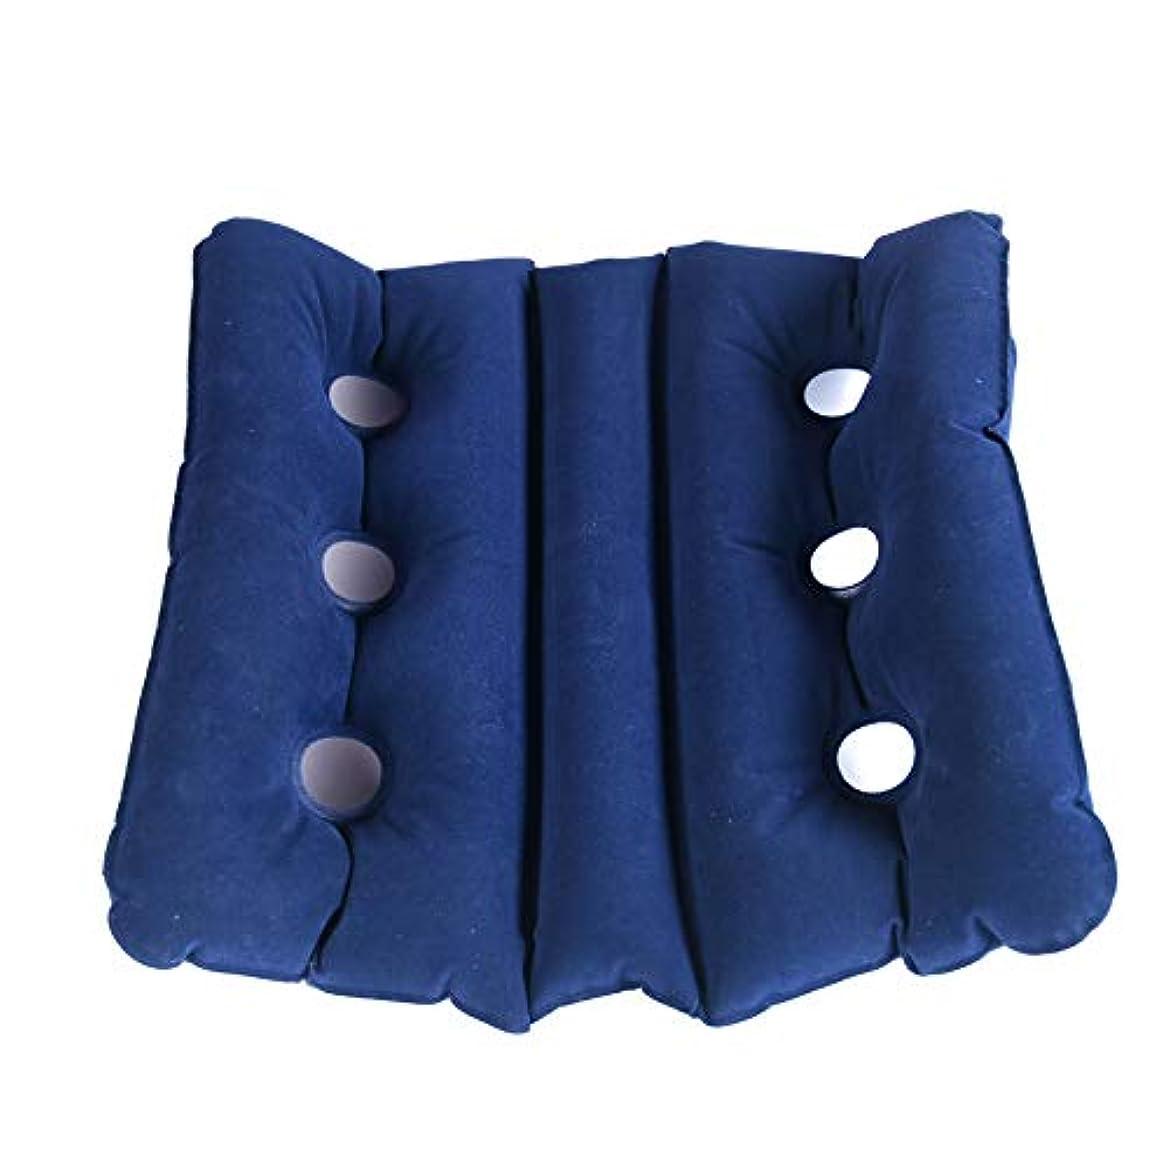 意気揚々スポーツの試合を担当している人レンジマルチ クッション 座布団 エアー ピロー 枕 折りたたみ 超軽量 コンパクト 通気性 アウトドア オフィス 室内 昼寝 キャンプ